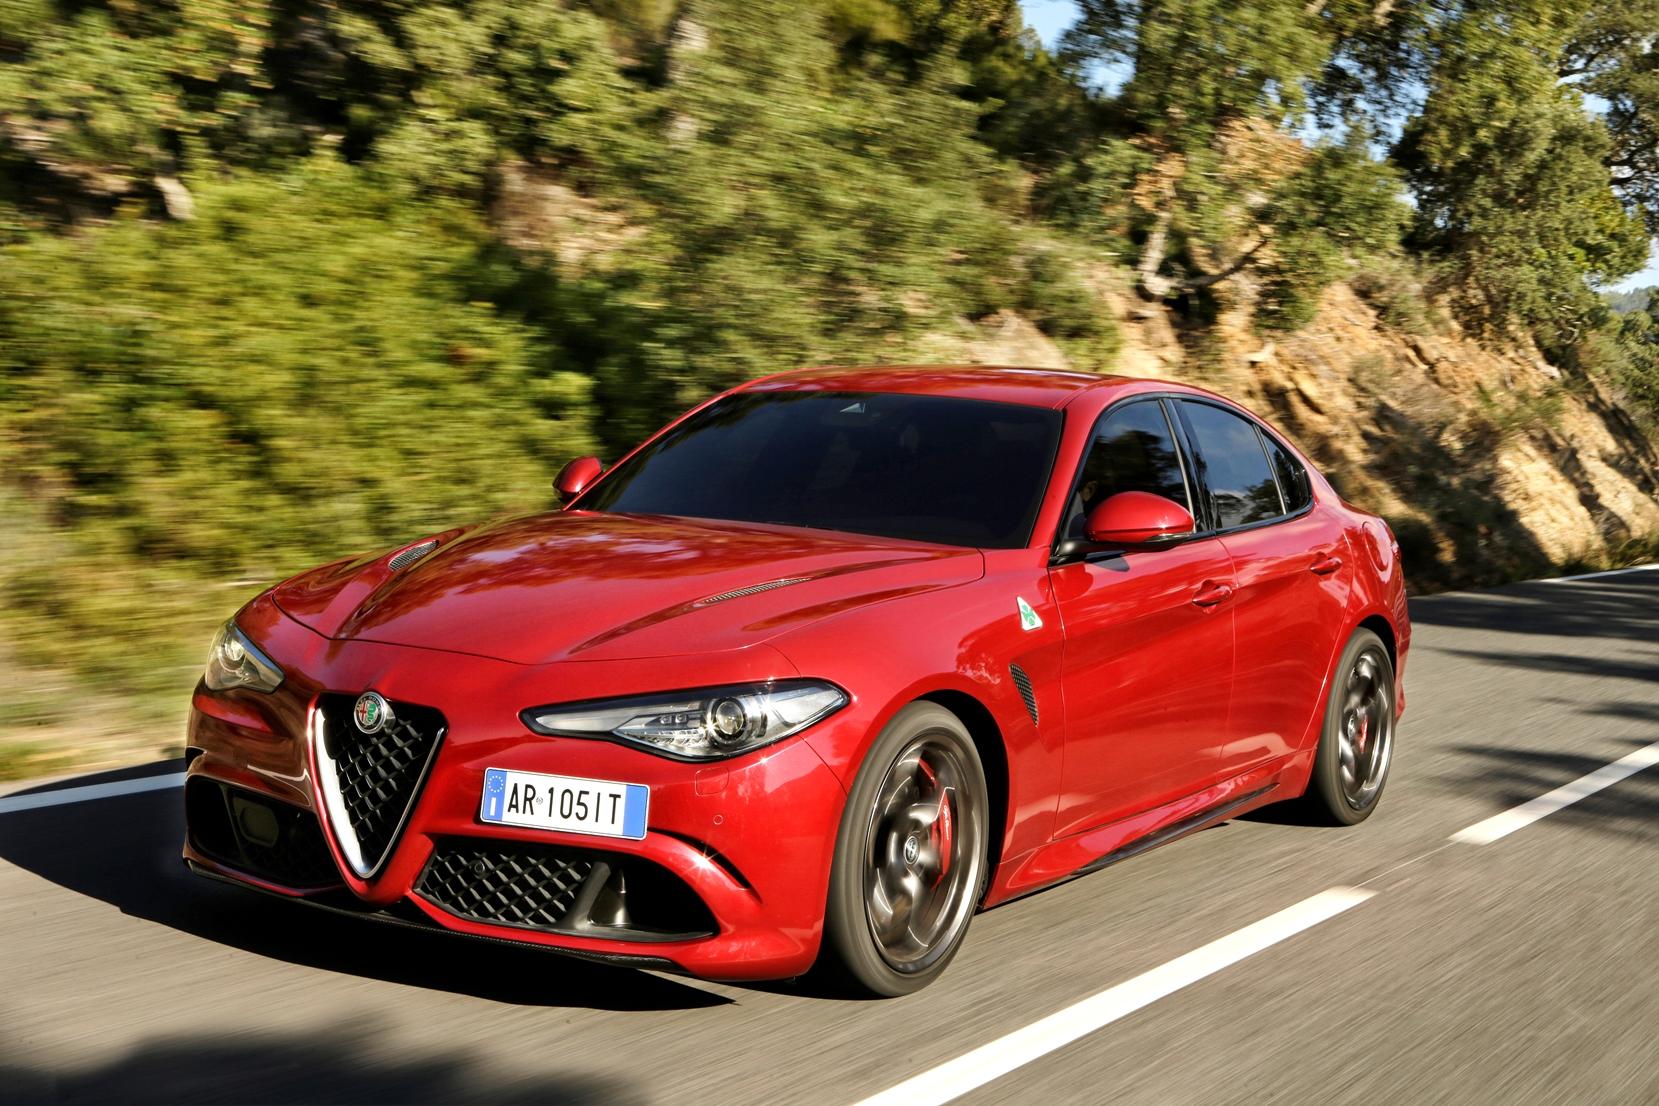 Alfa Romeo Giulia Türkiye'de 3 Farklı Motor ve Donanım Seçeneğiyle Tercih Edilebiliyor